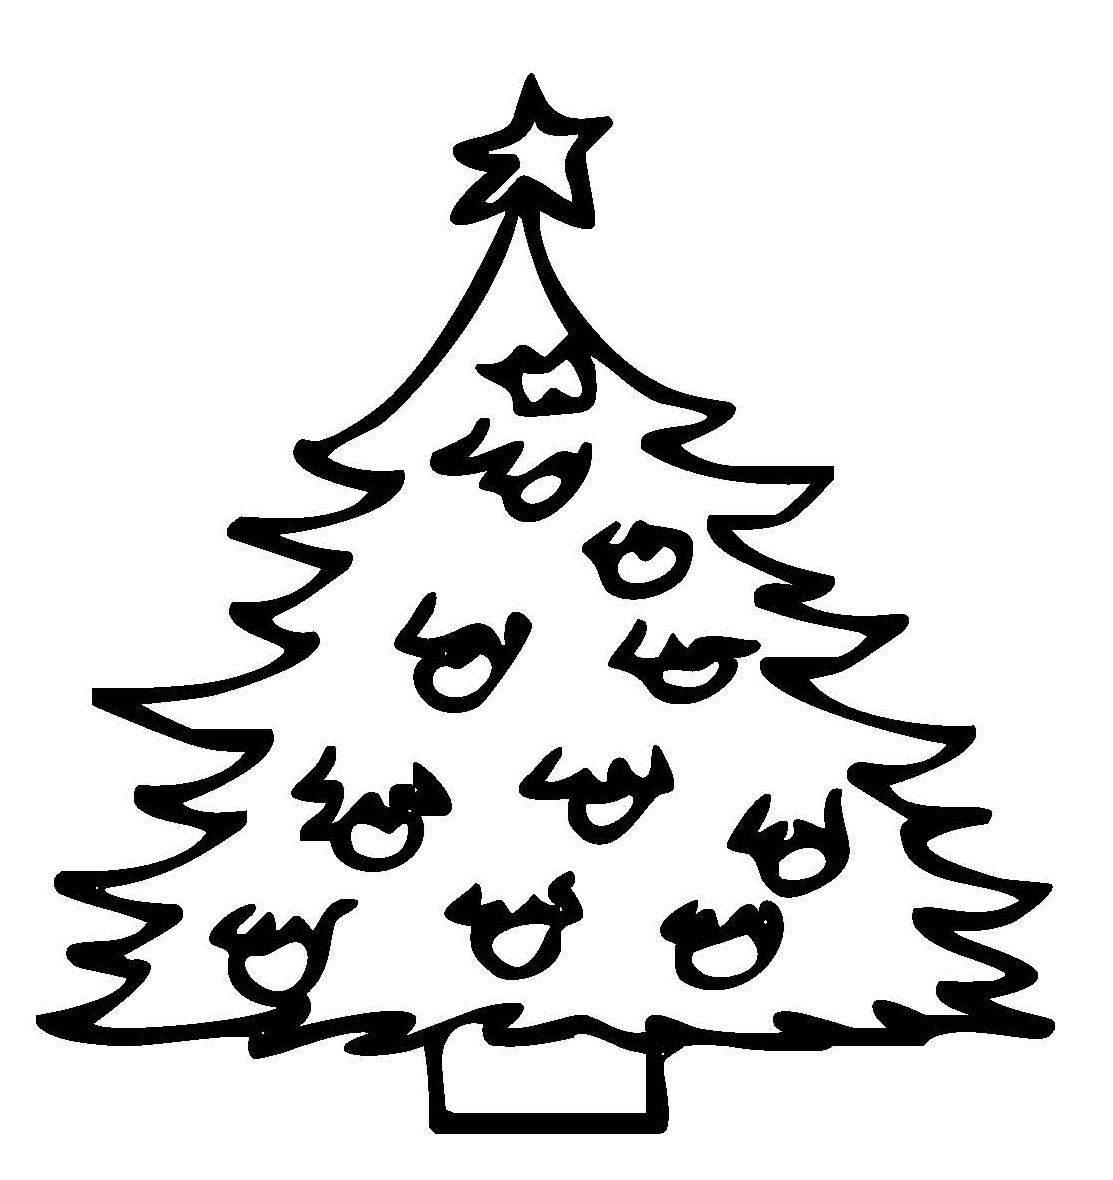 Kostenlose Ausmalbilder Und Malvorlagen: Weihnachtsbäume Zum bestimmt für Malvorlage Weihnachtsbaum